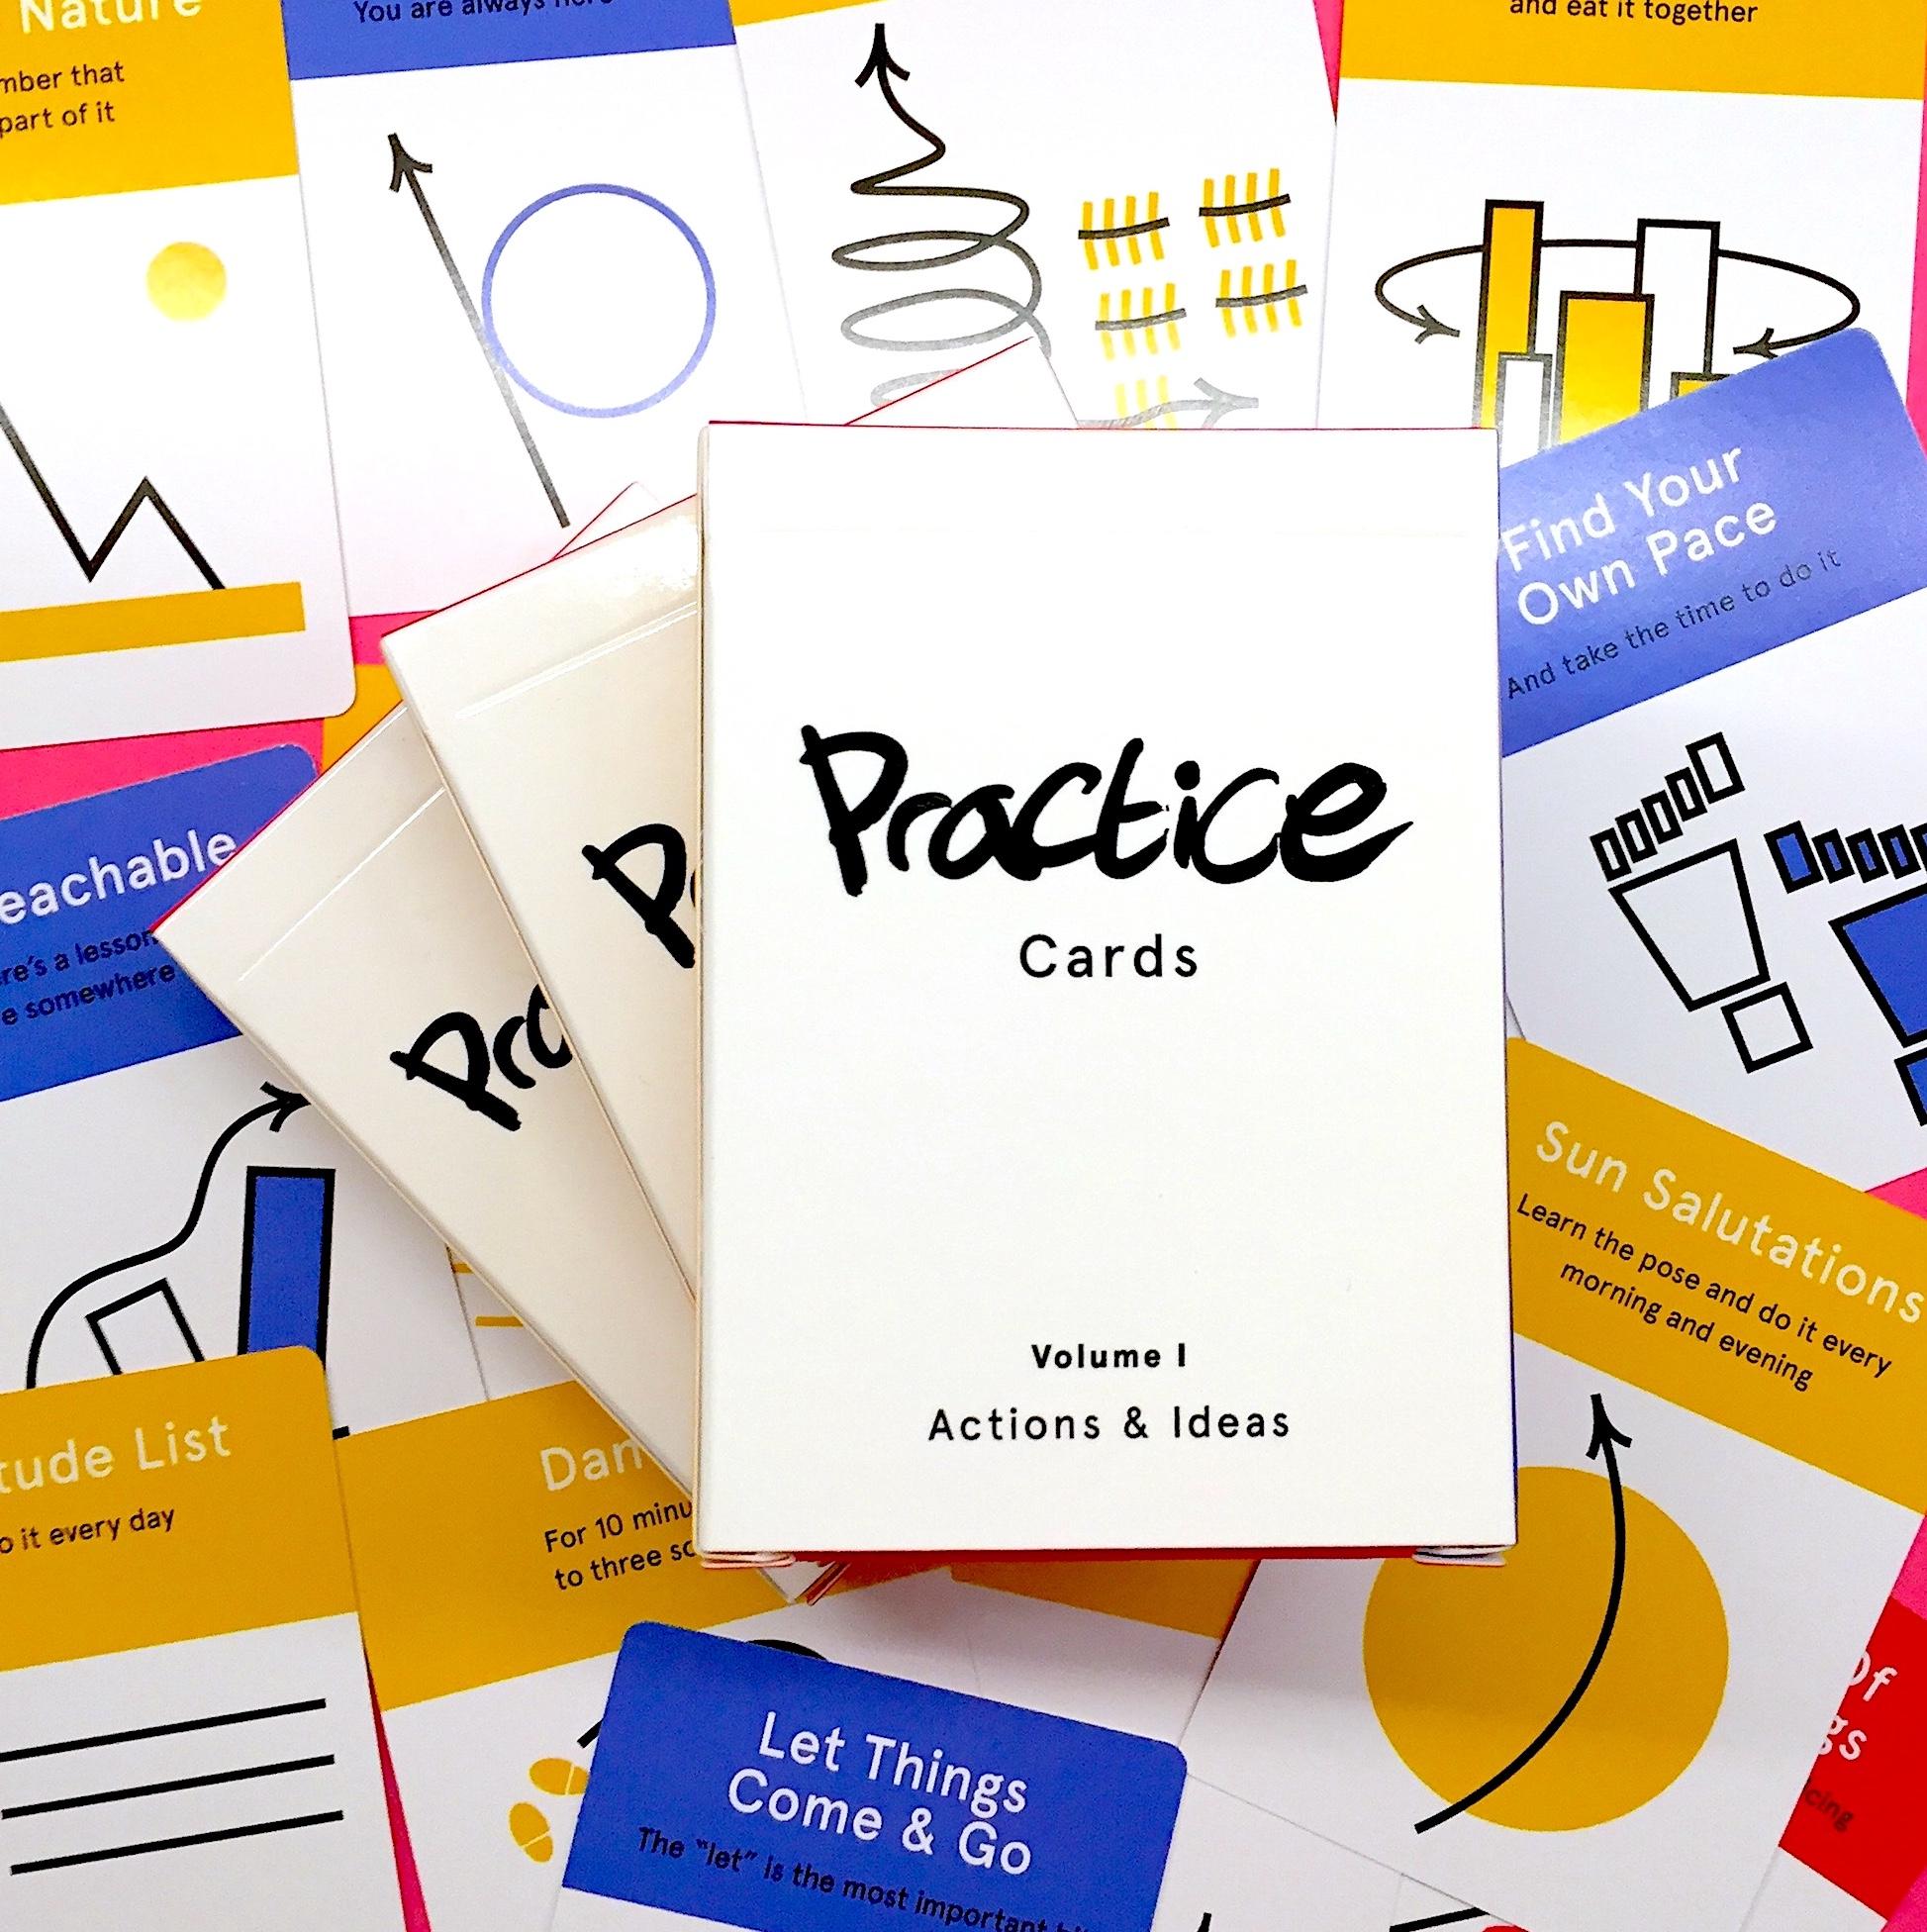 Practice Cards 2.JPG